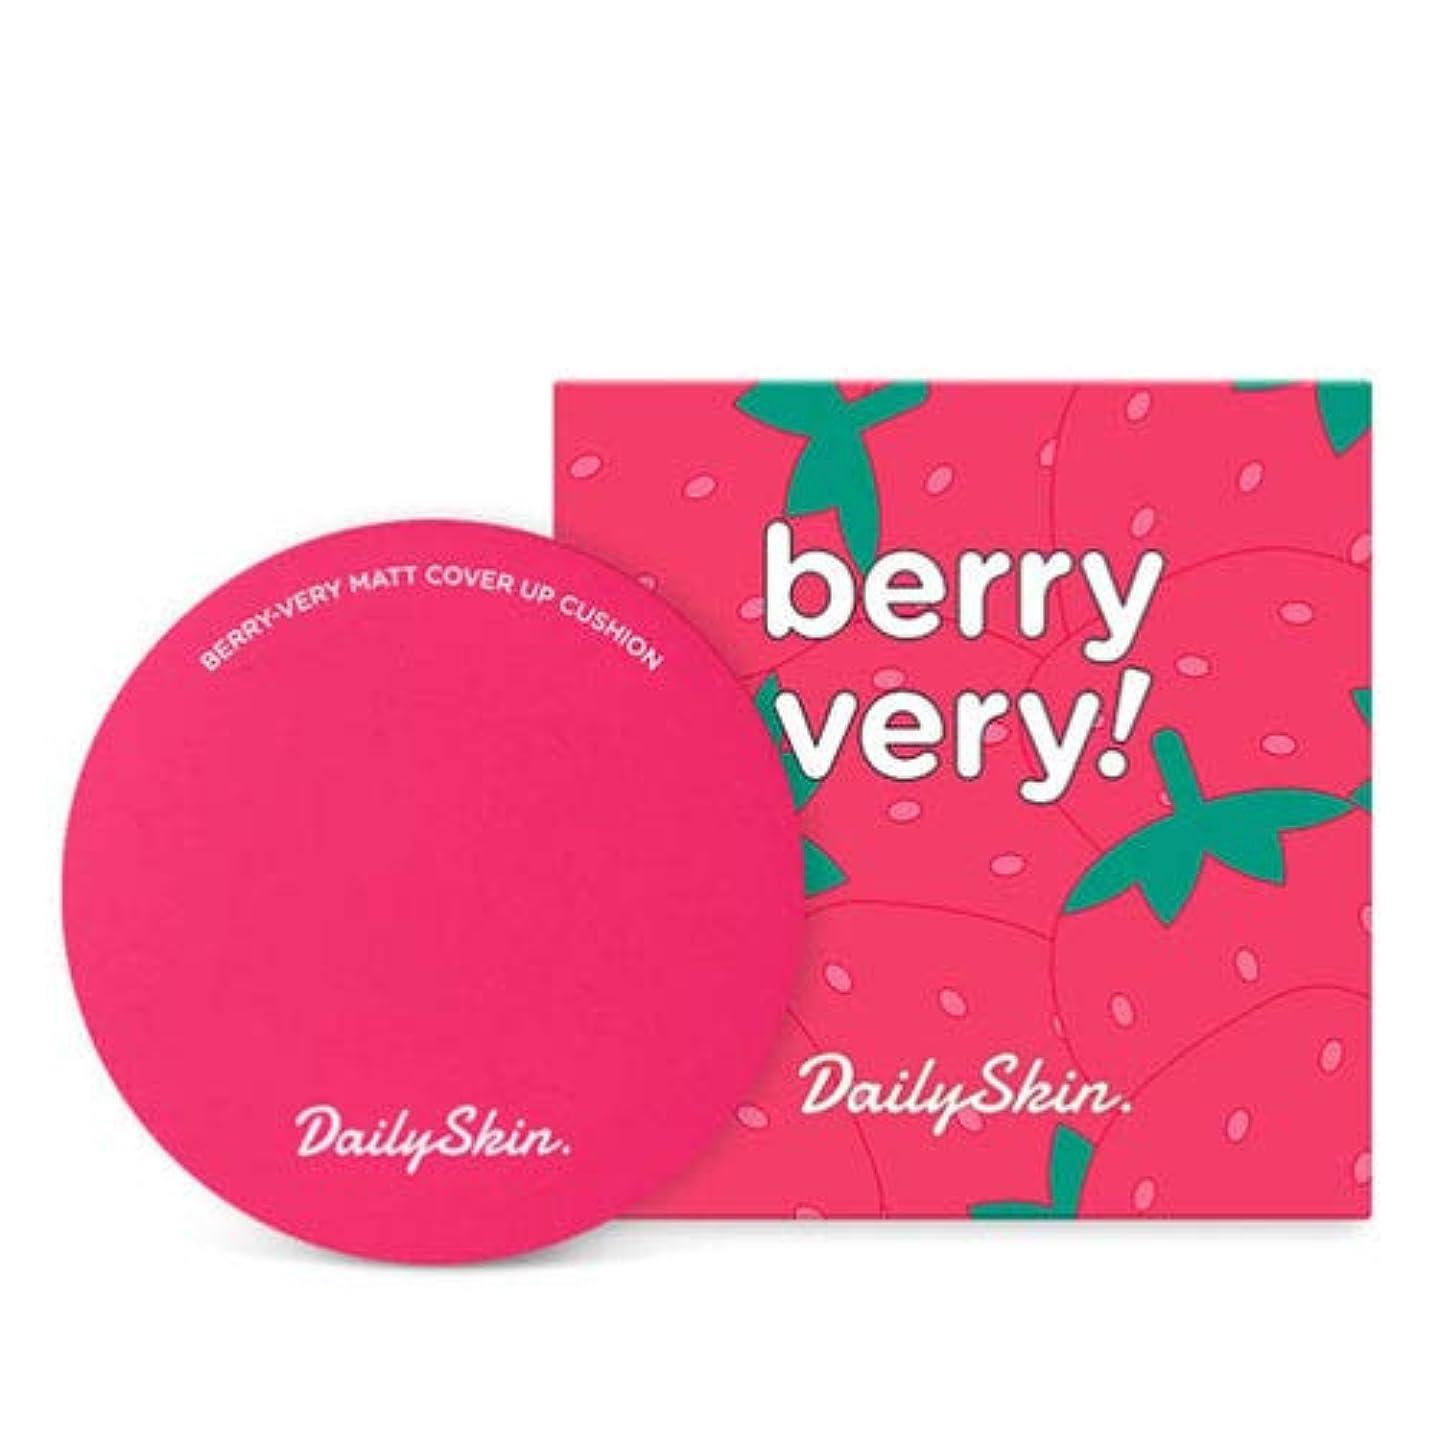 クリーナー判読できないパンフレットDaily Skin Berry Very Matt Cover Up Cushion (No.23 Berry Natural) ]デイリースキン いちごマット カバー アップ クッション [並行輸入品]